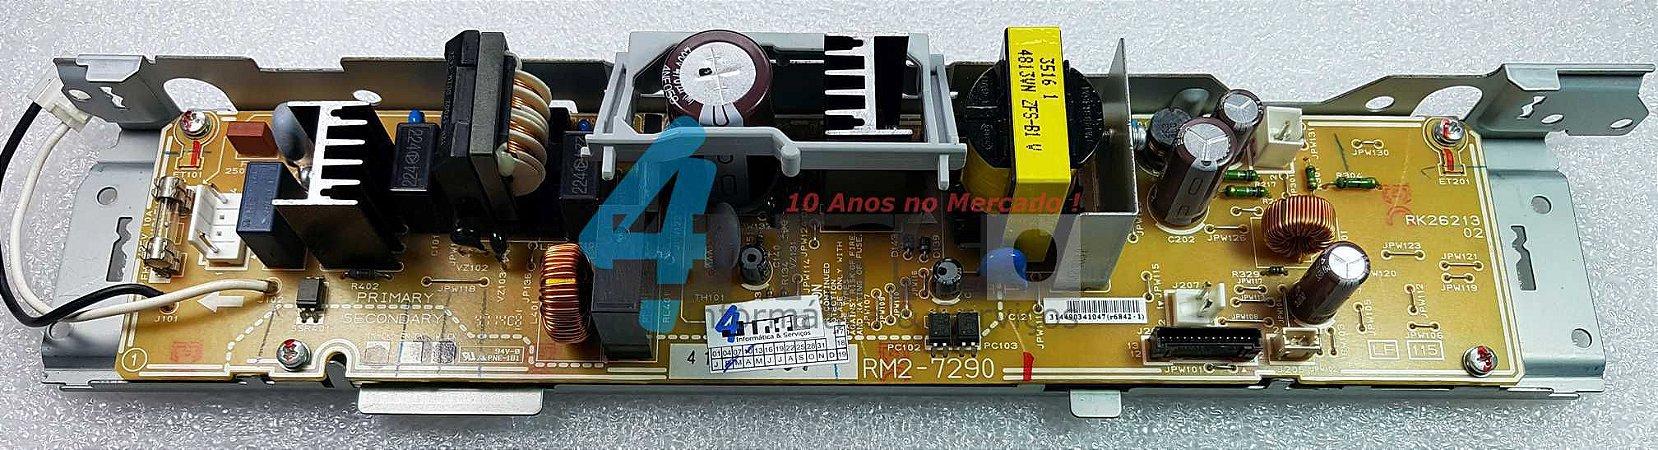 Placa Fonte HP LJ Pro M176 M177 110v LVPS RM2-7290